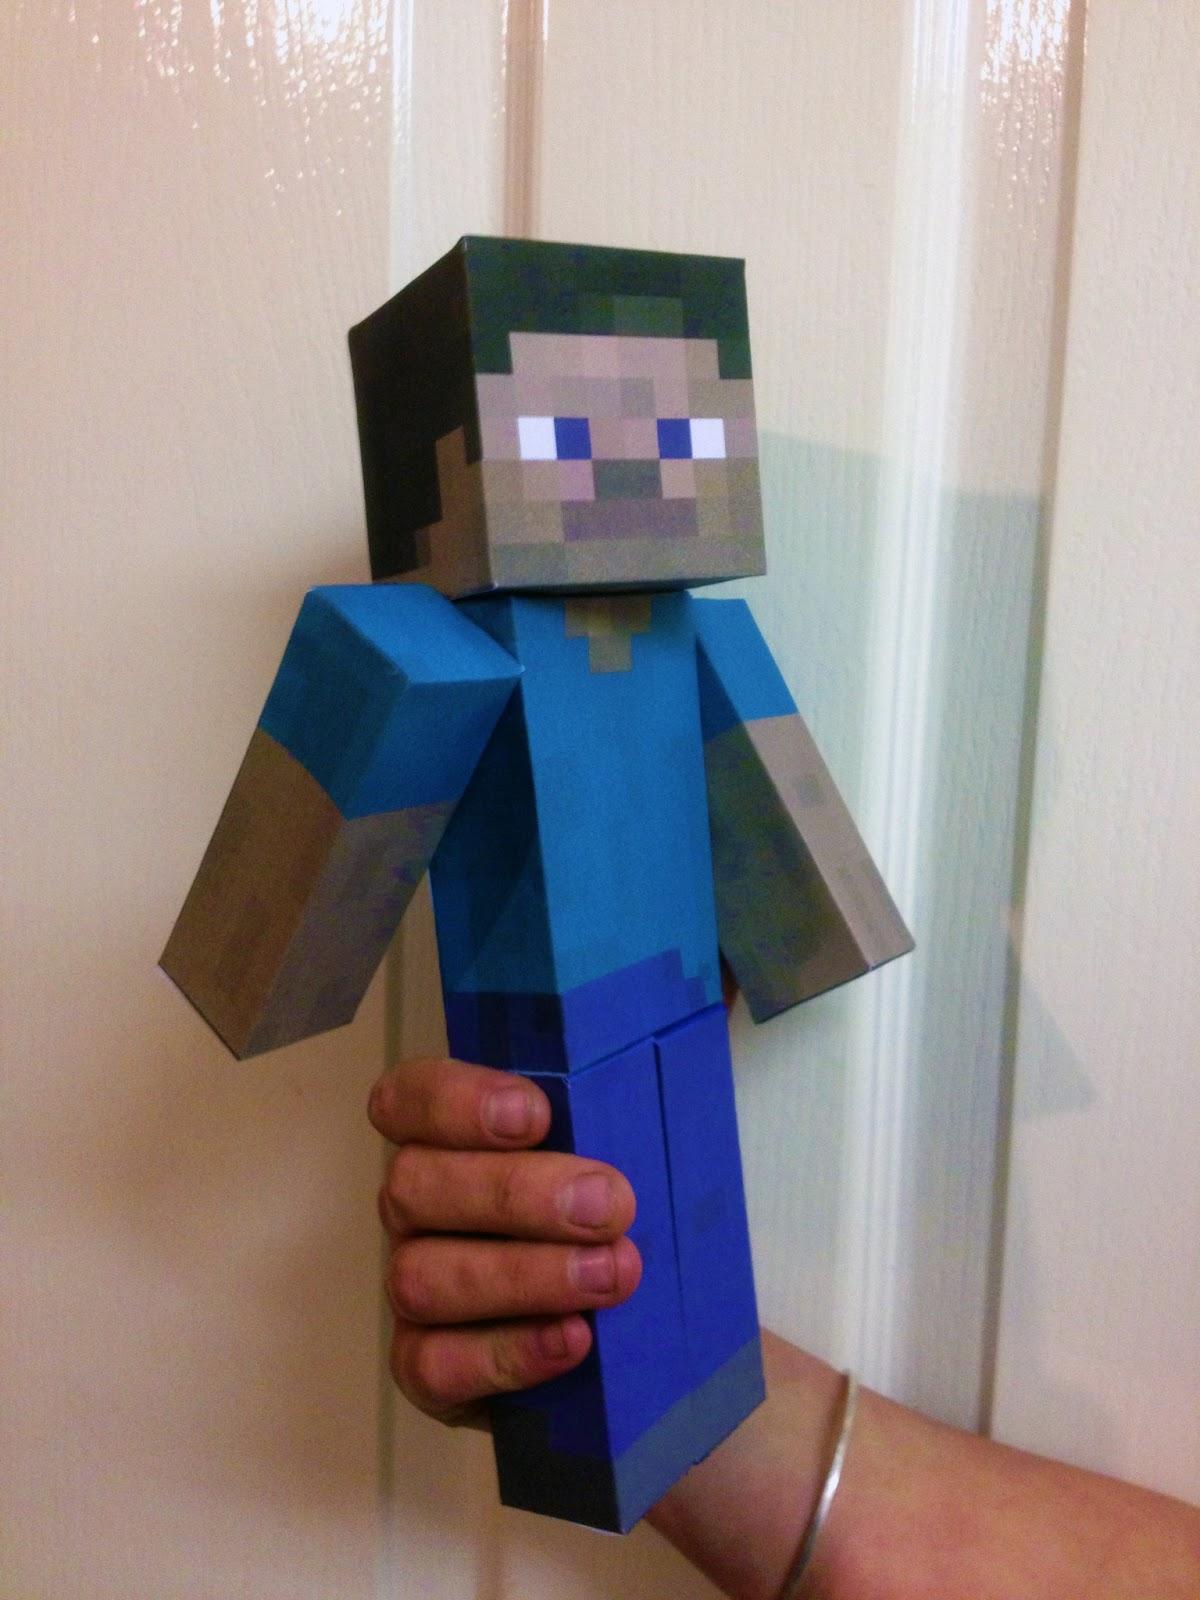 Eu Amo Artesanato  Boneco Minecraft Com Molde